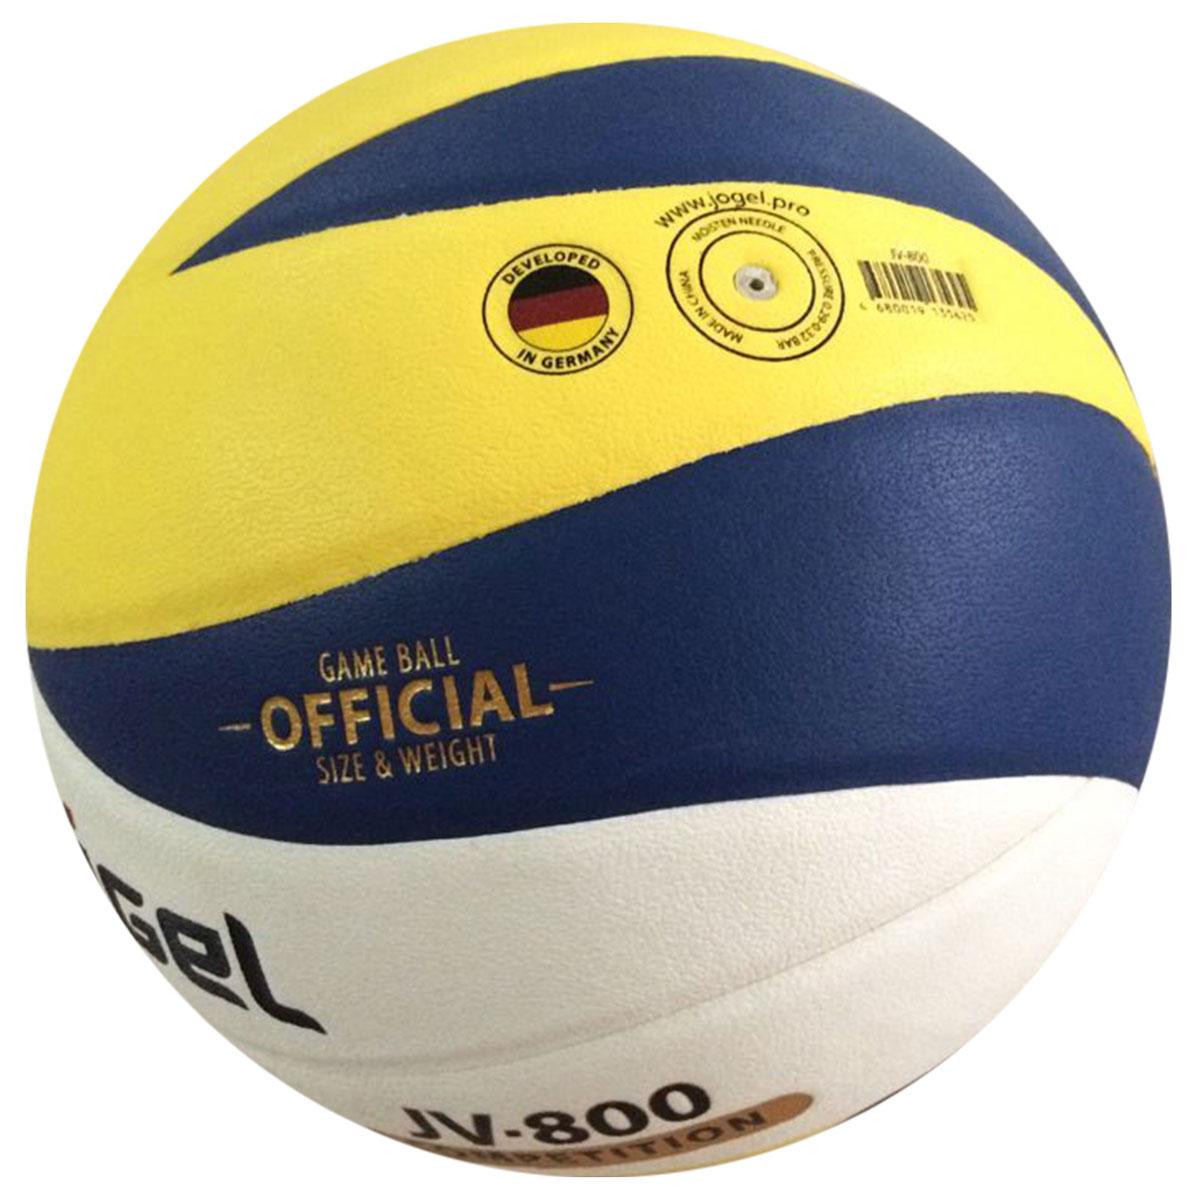 """Соревновательный волейбольный мяч """"Jogel"""" из серии COMPETITION предназначен для комфортных тренировок и игр команд любого уровня. Покрышка мяча выполнена из высокотехнологичного композитного материала на основе микрофибры, с применением технологии Soft Touch, которая напоминает натуральную кожу и обеспечивает правильный отскок.Мяч состоит из 12 панелей и бутиловой камеры, также армирован подкладочным слоем, выполненным из ткани.Мяч отлично подойдет для тренировок и соревнований команд высокого уровня.Вес: 260-280 гр.Длина окружности: 65-67 см.Рекомендованное давление: 0.29-0.32 бар. УВАЖАЕМЫЕ КЛИЕНТЫ!Обращаем ваше внимание на тот факт, что мяч поставляется в сдутом виде. Насос в комплект не входит."""